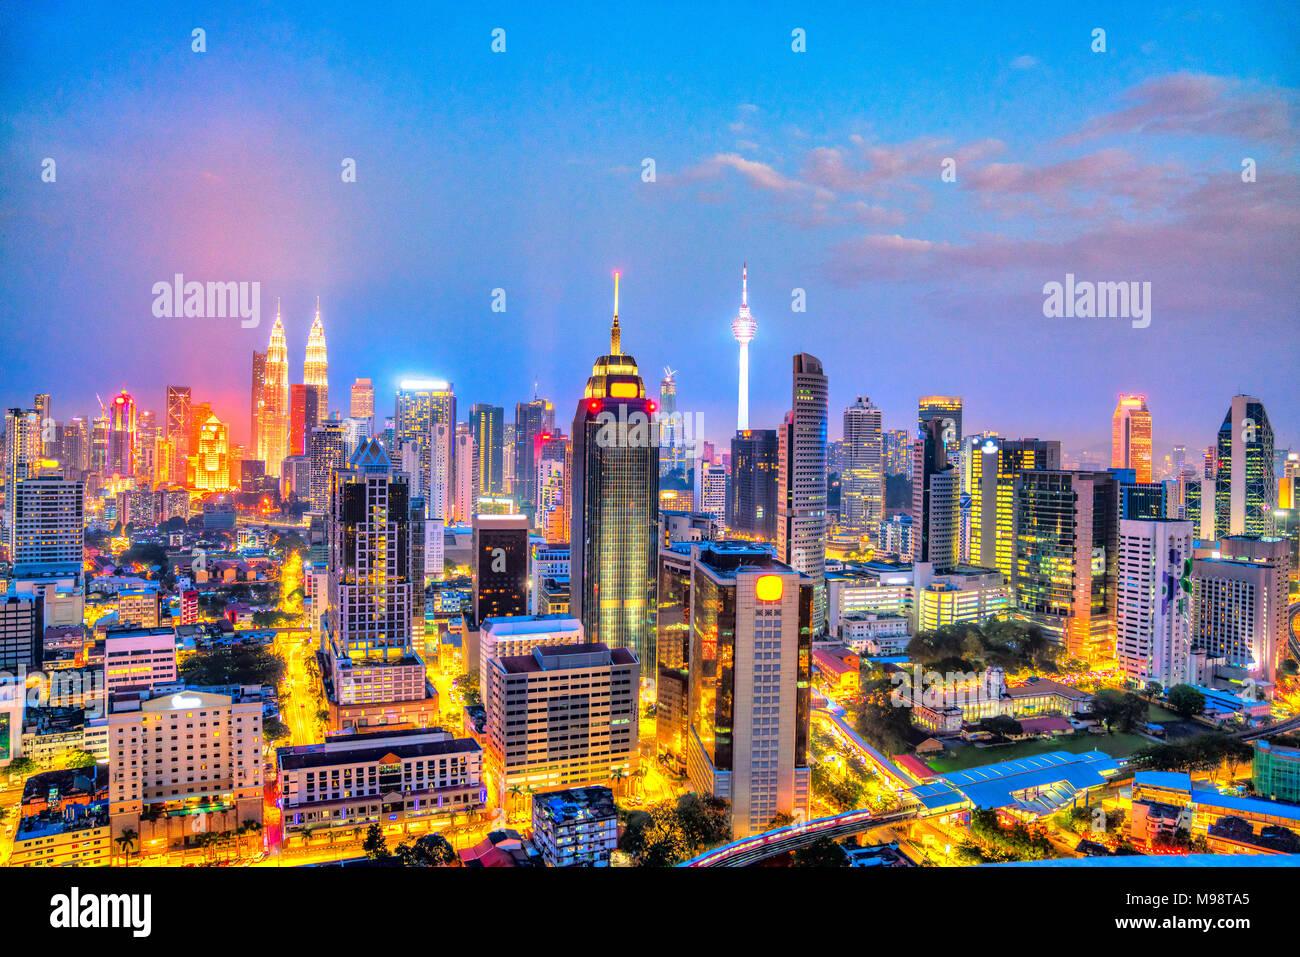 Kuala Lumpur, Malaysia. Night skyline aerial view. - Stock Image